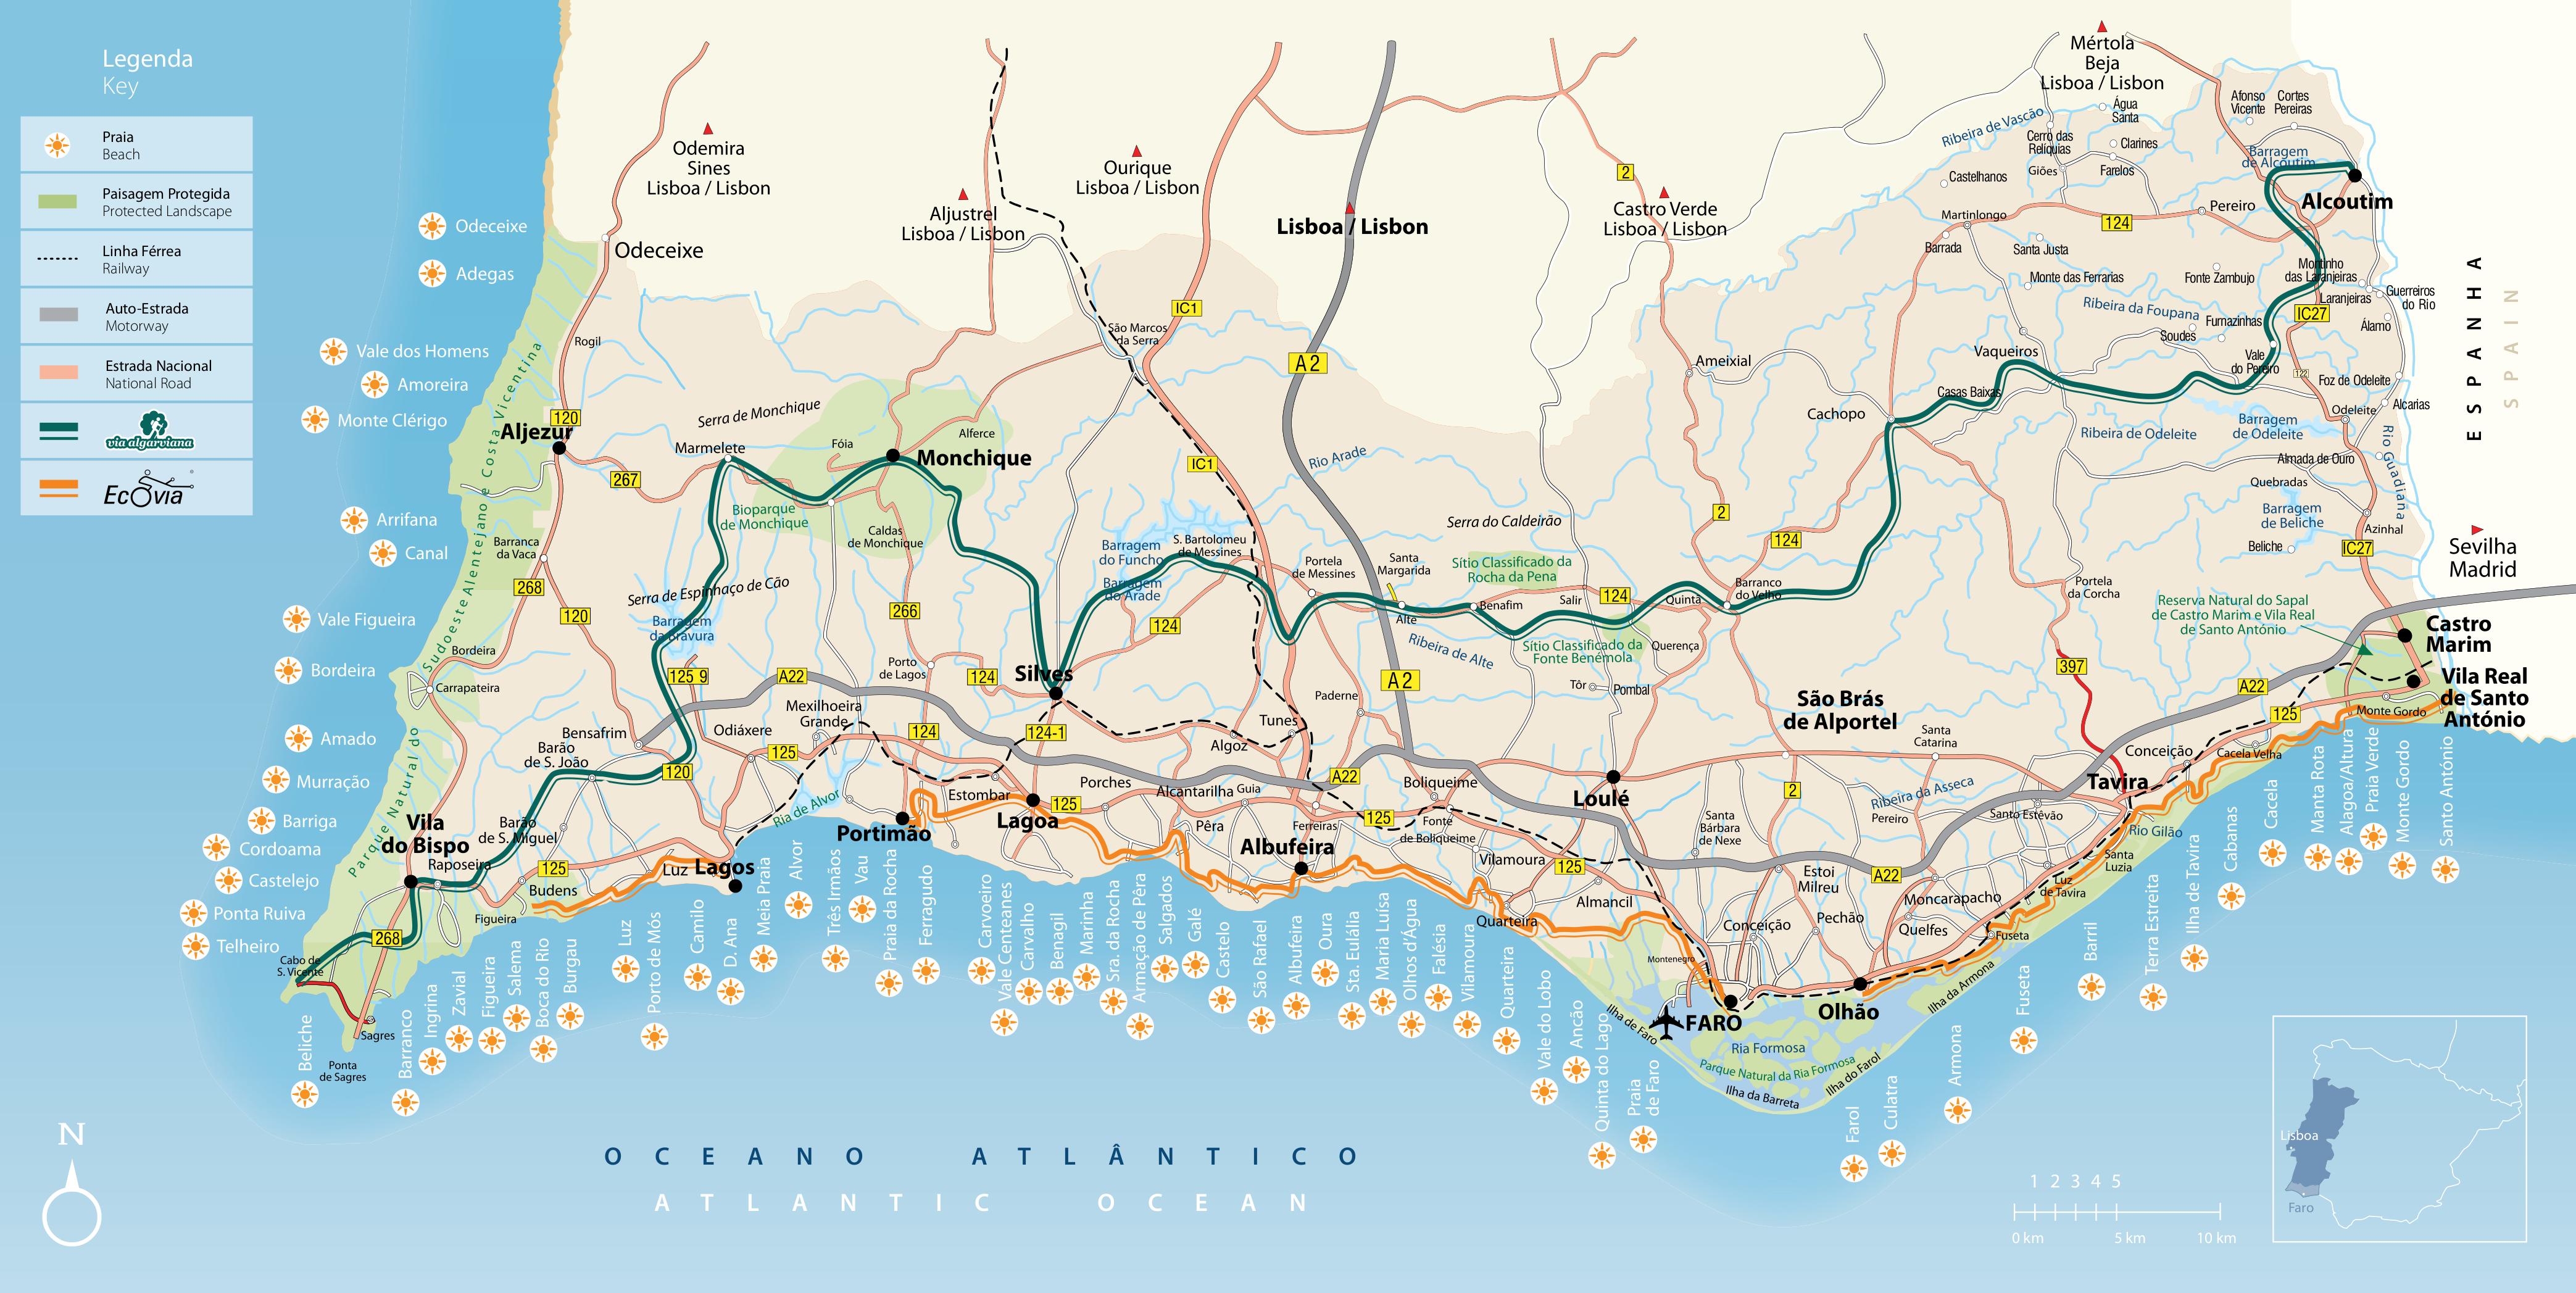 algarve karte Algarve Karte: Überblick und Orientierungshilfe • Algarve für